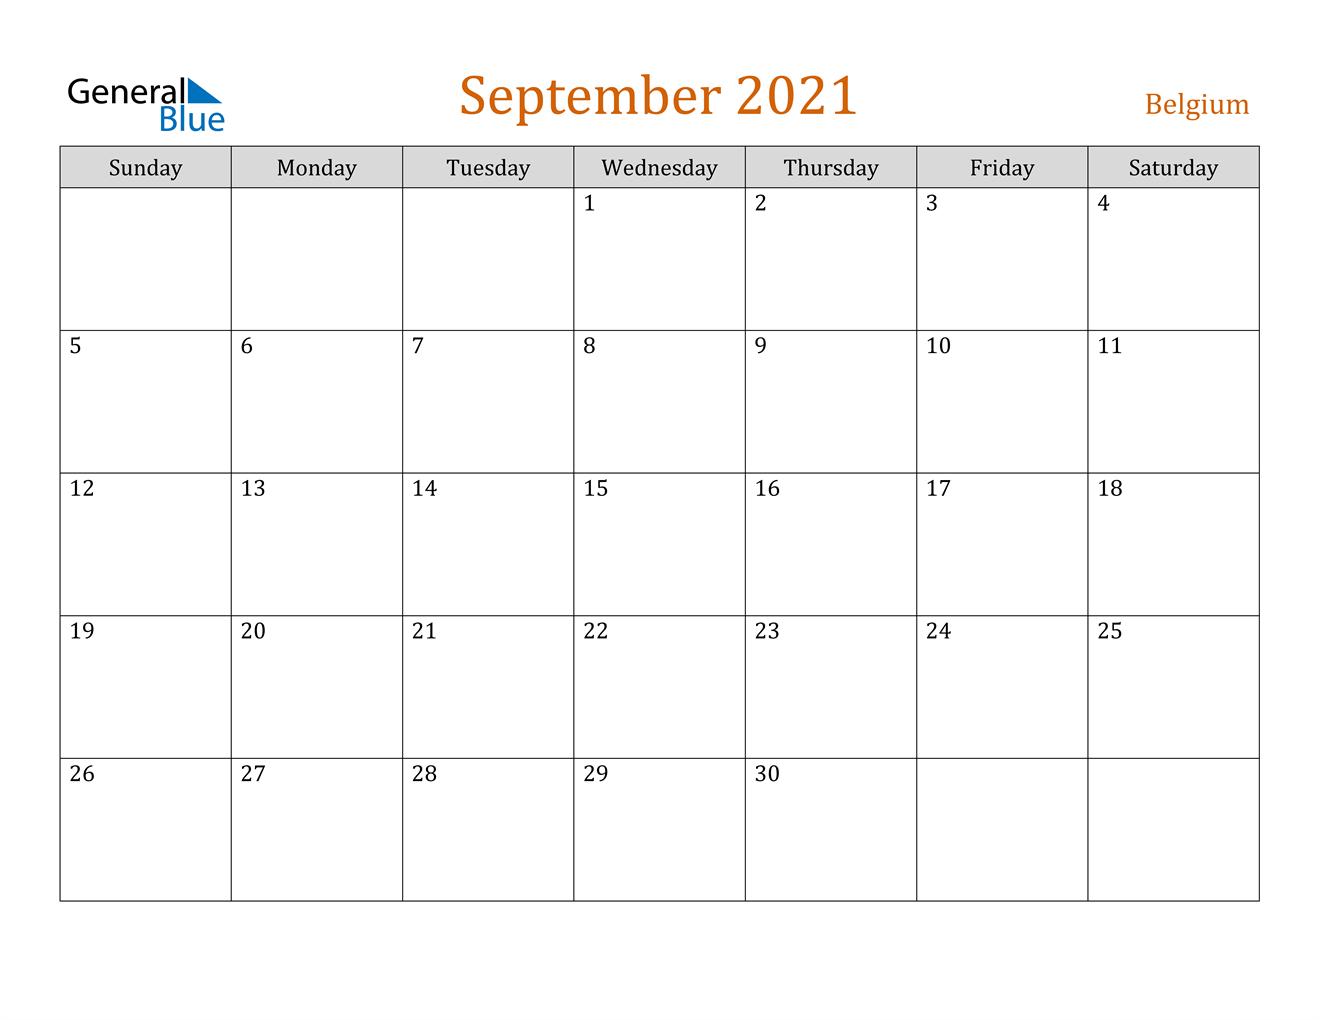 September 2021 Calendar - Belgium